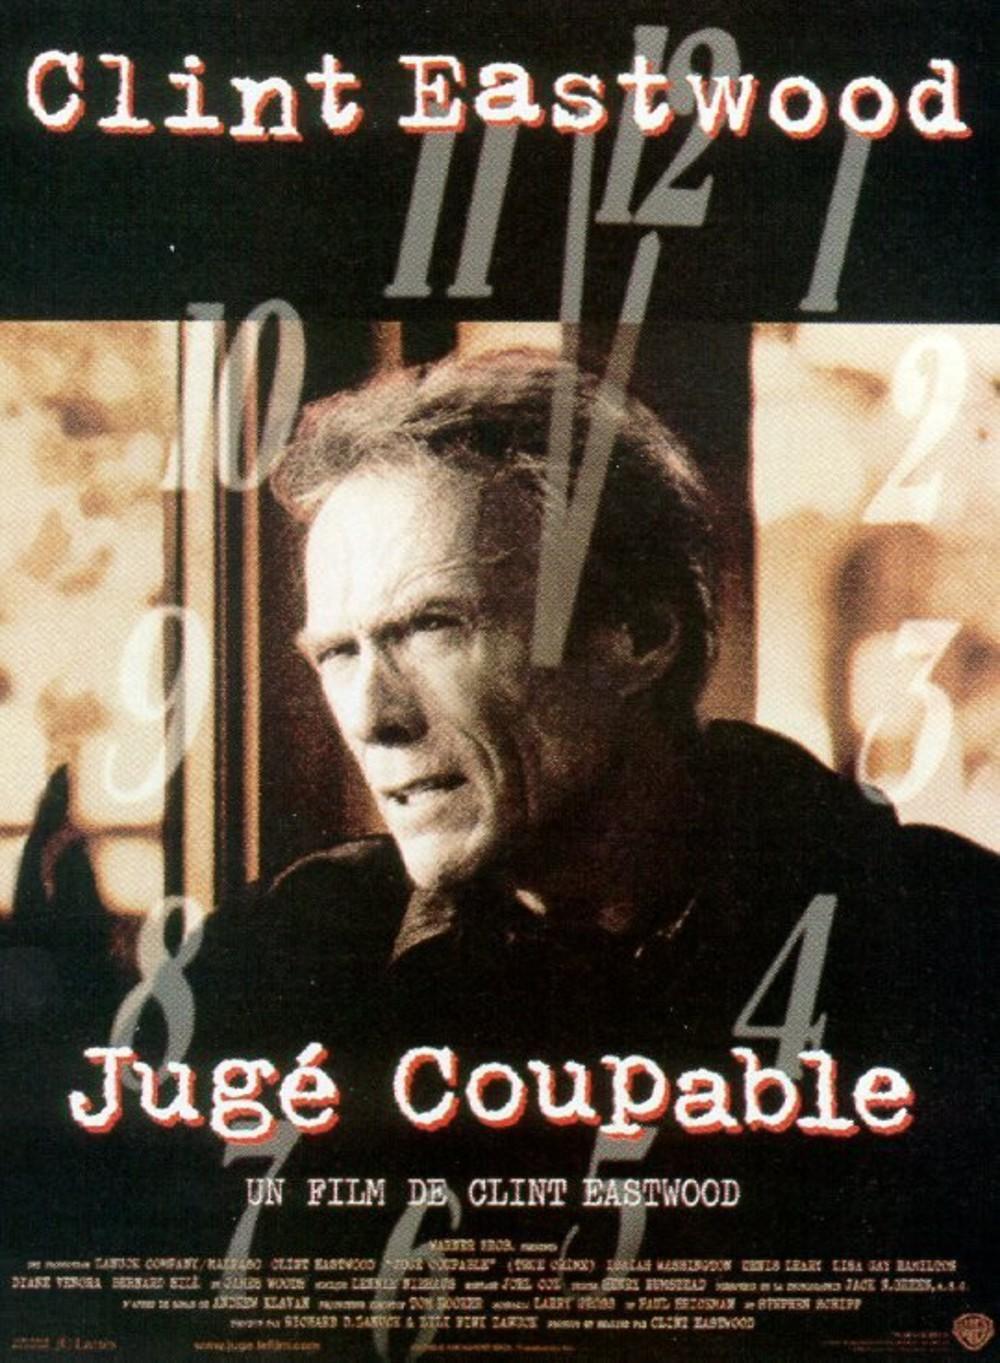 affiche du film Jugé coupable